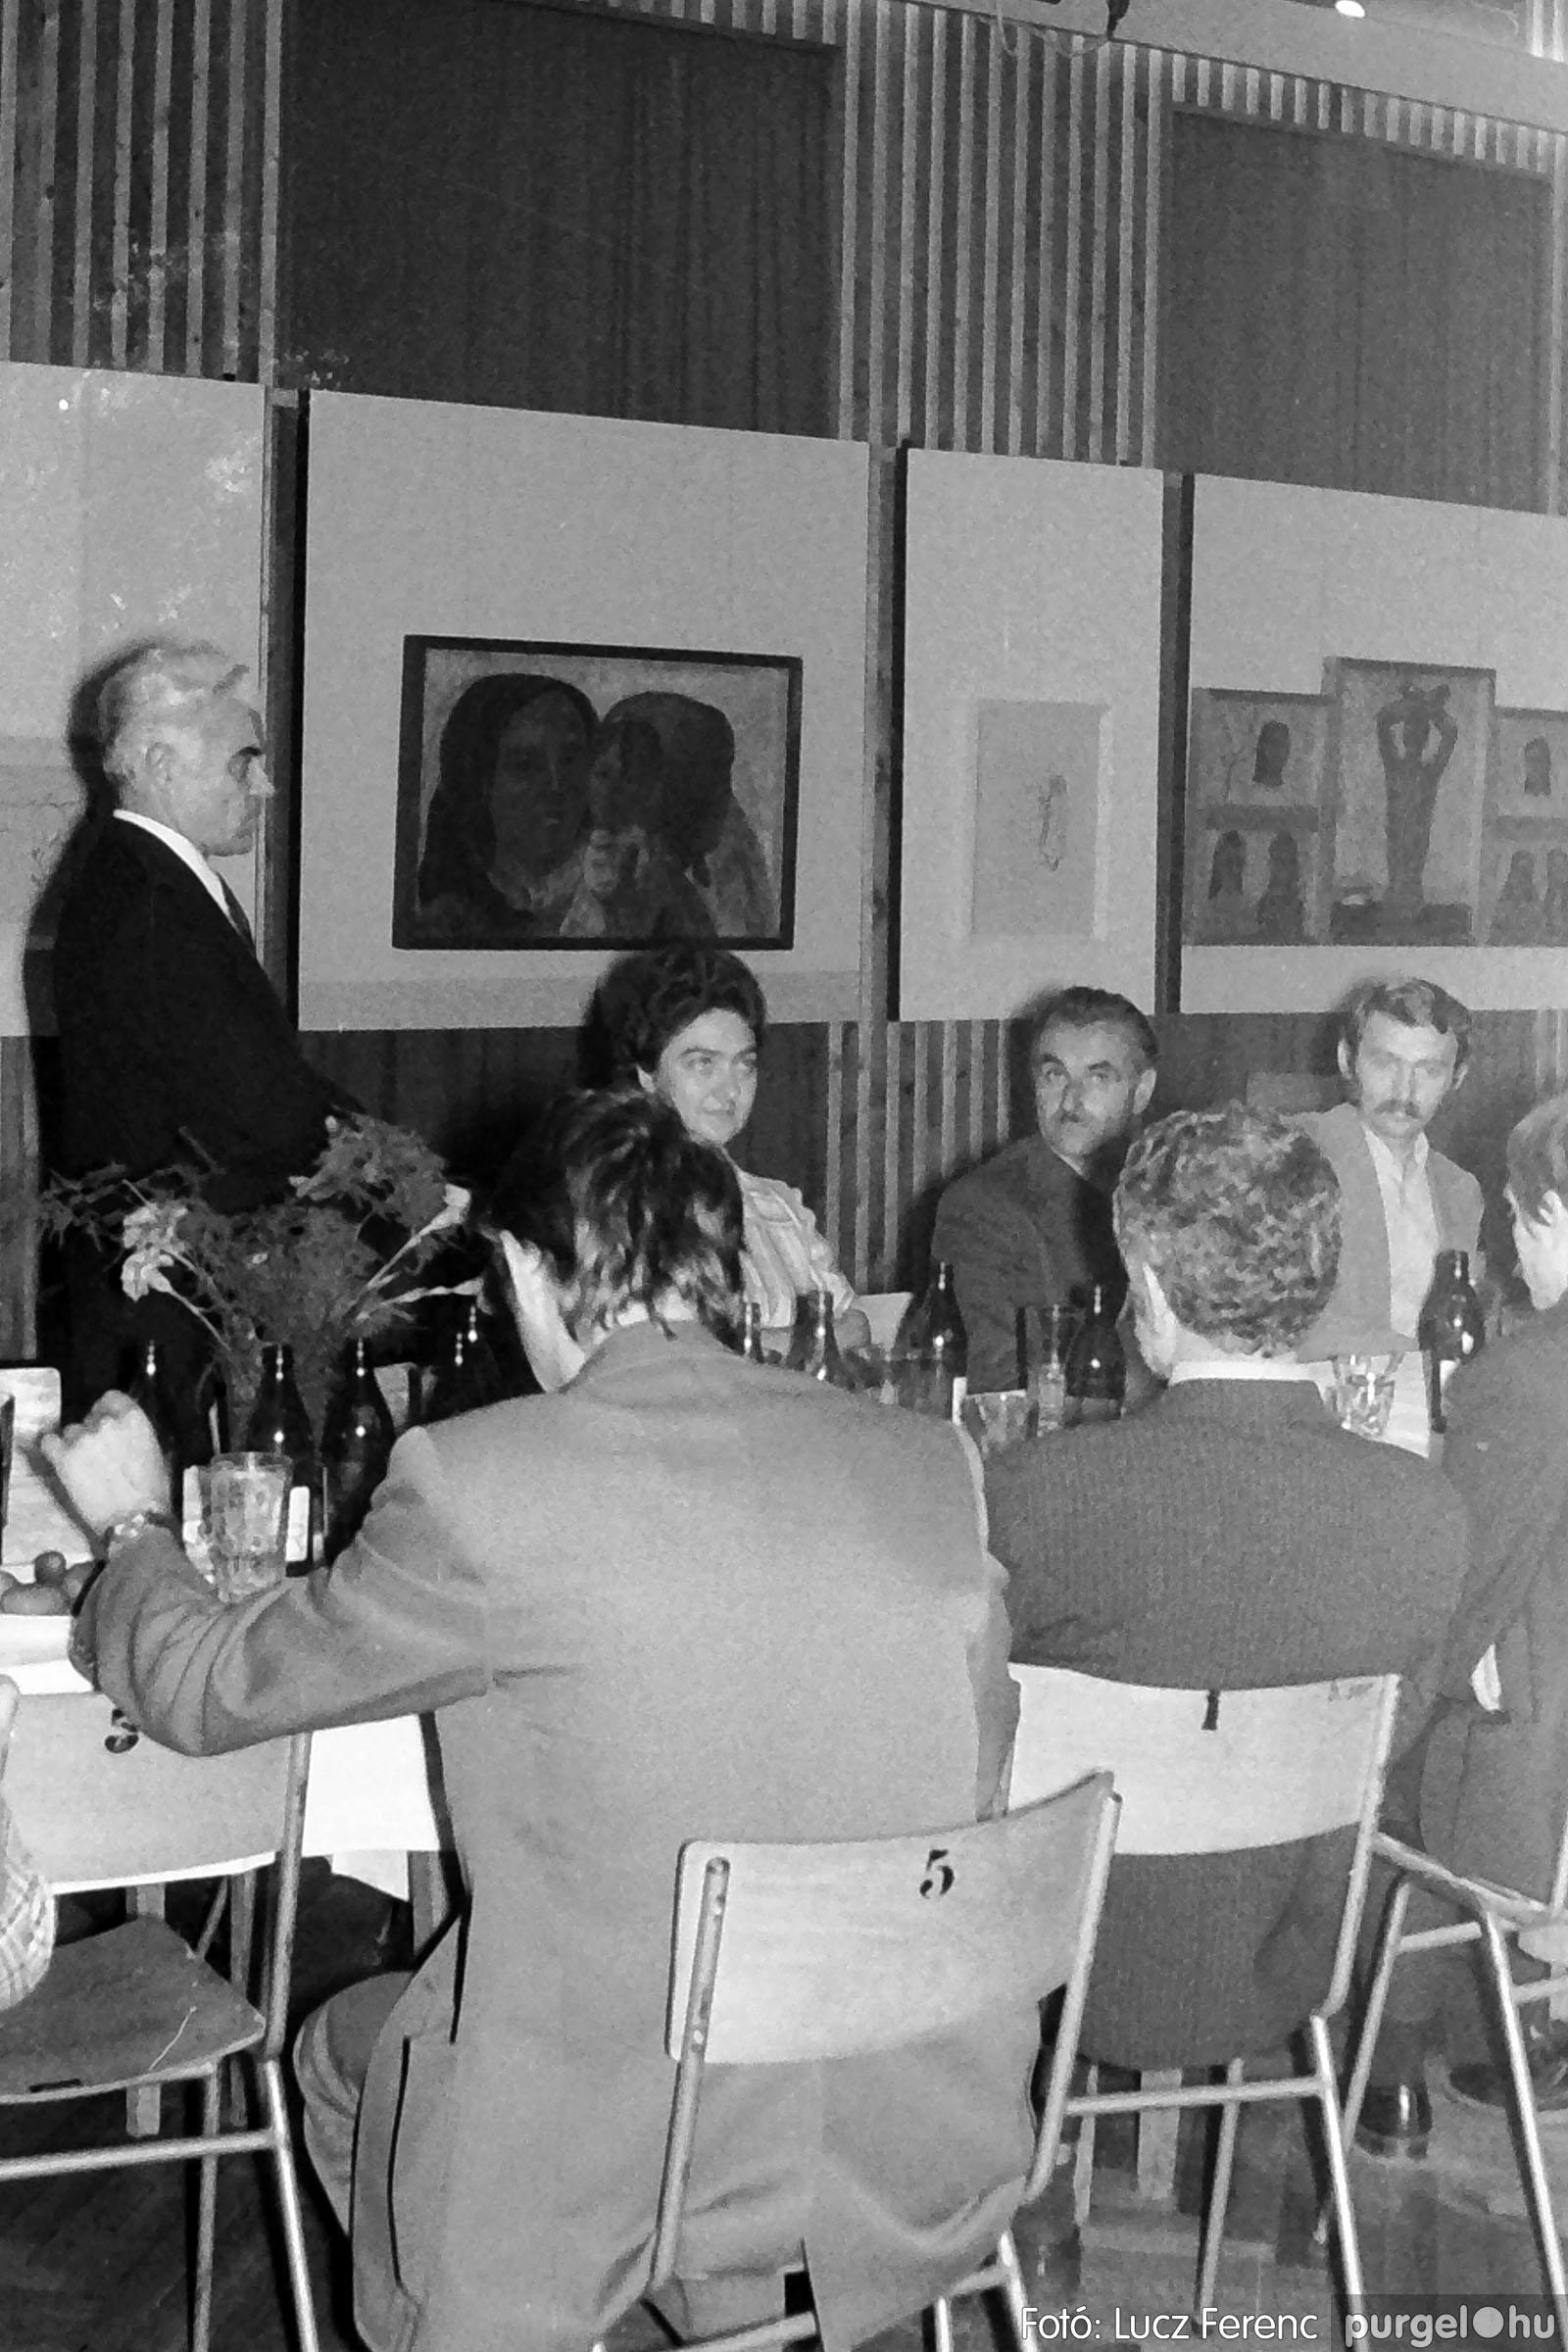 024 1975.10. Németh József és Szalay Ferenc festőművészek kiállítása 003 - Fotó: Lucz Ferenc IMG00201q.jpg